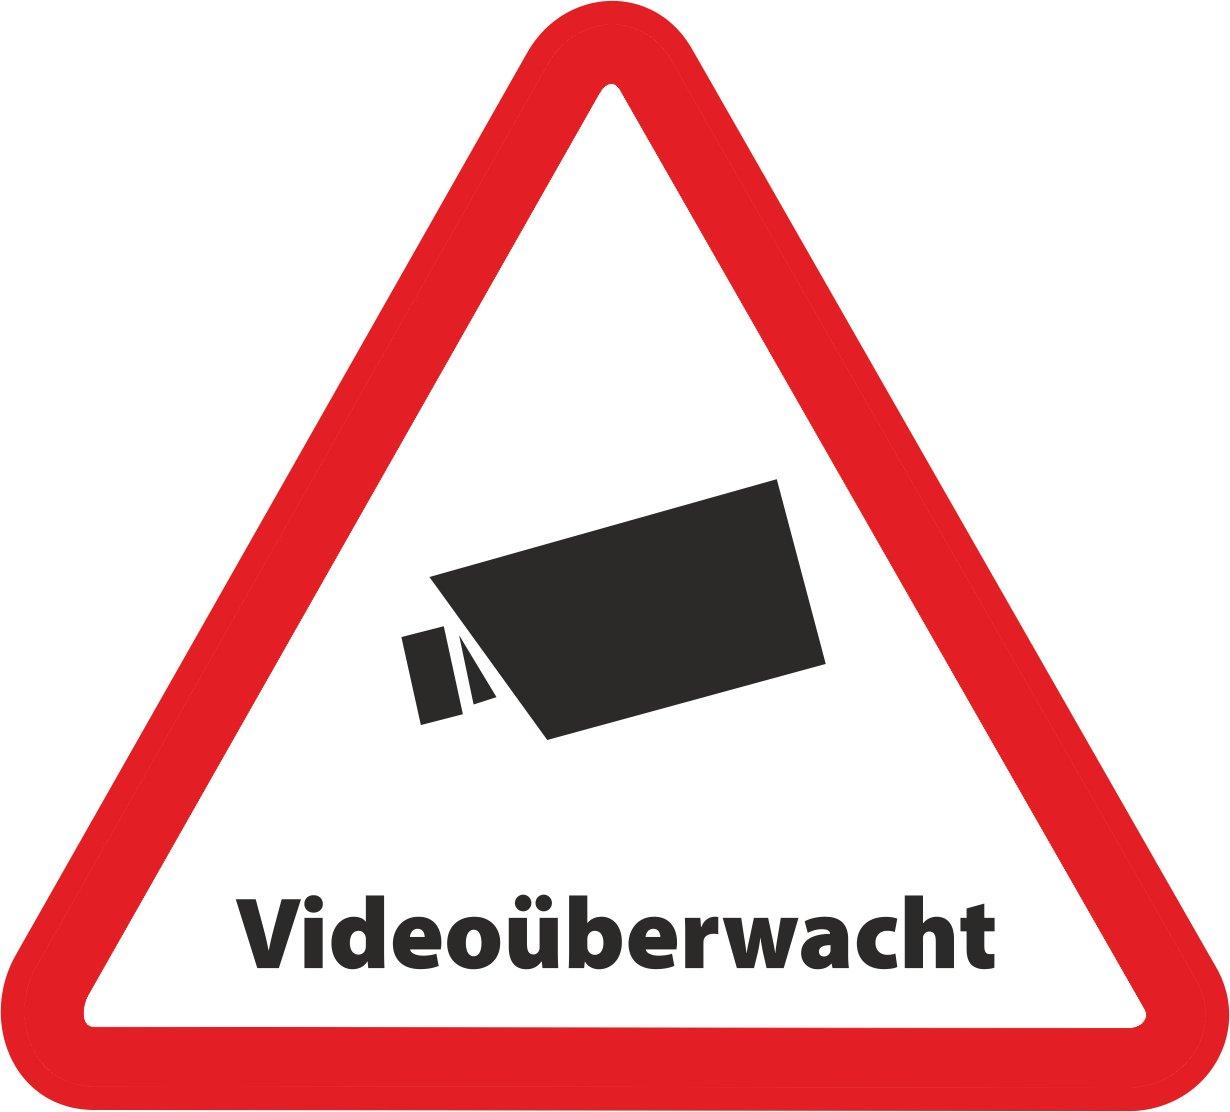 Aufkleber Videoüberwacht als Dreieck - 5x4,5 cm - Sicherheit für Ihr Fenster am Haus oder Büro